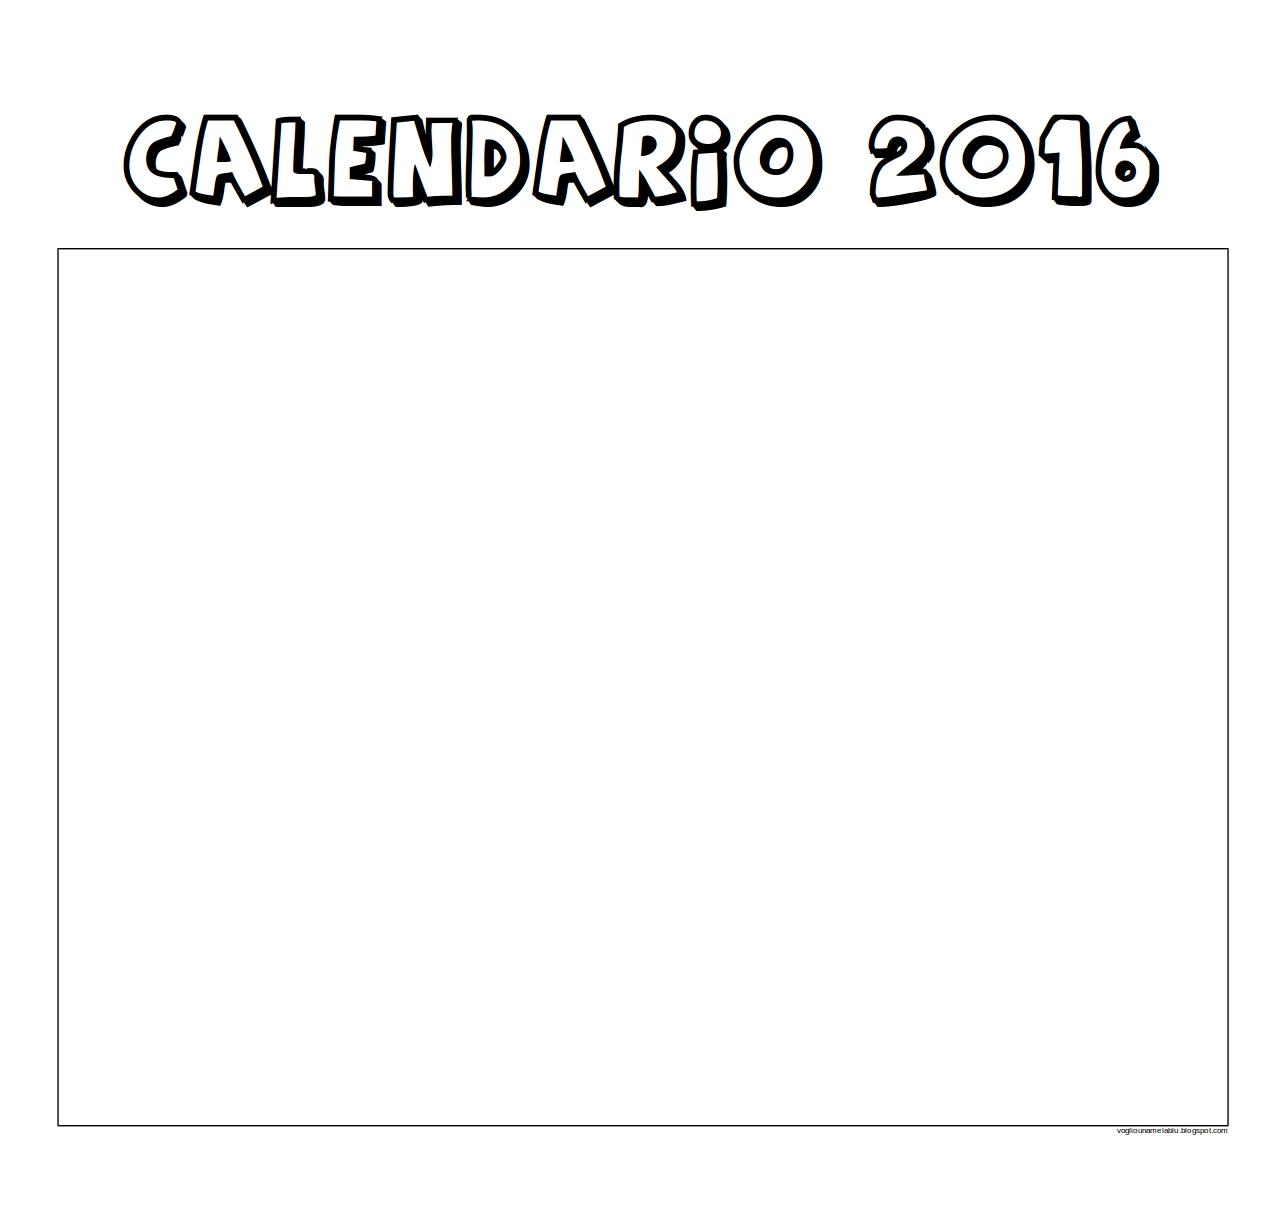 Calendario Da Colorare.Calendario Per Bambini Da Colorare